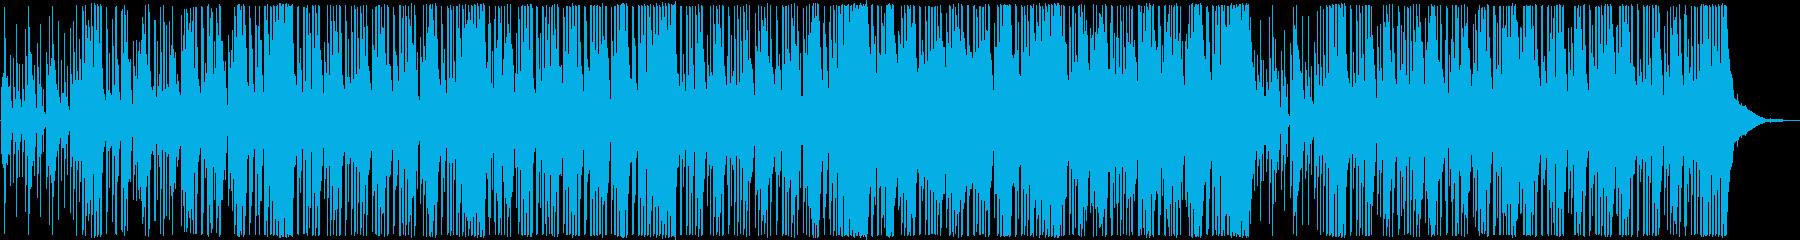 爽やかでゆったりとしたジャズの再生済みの波形